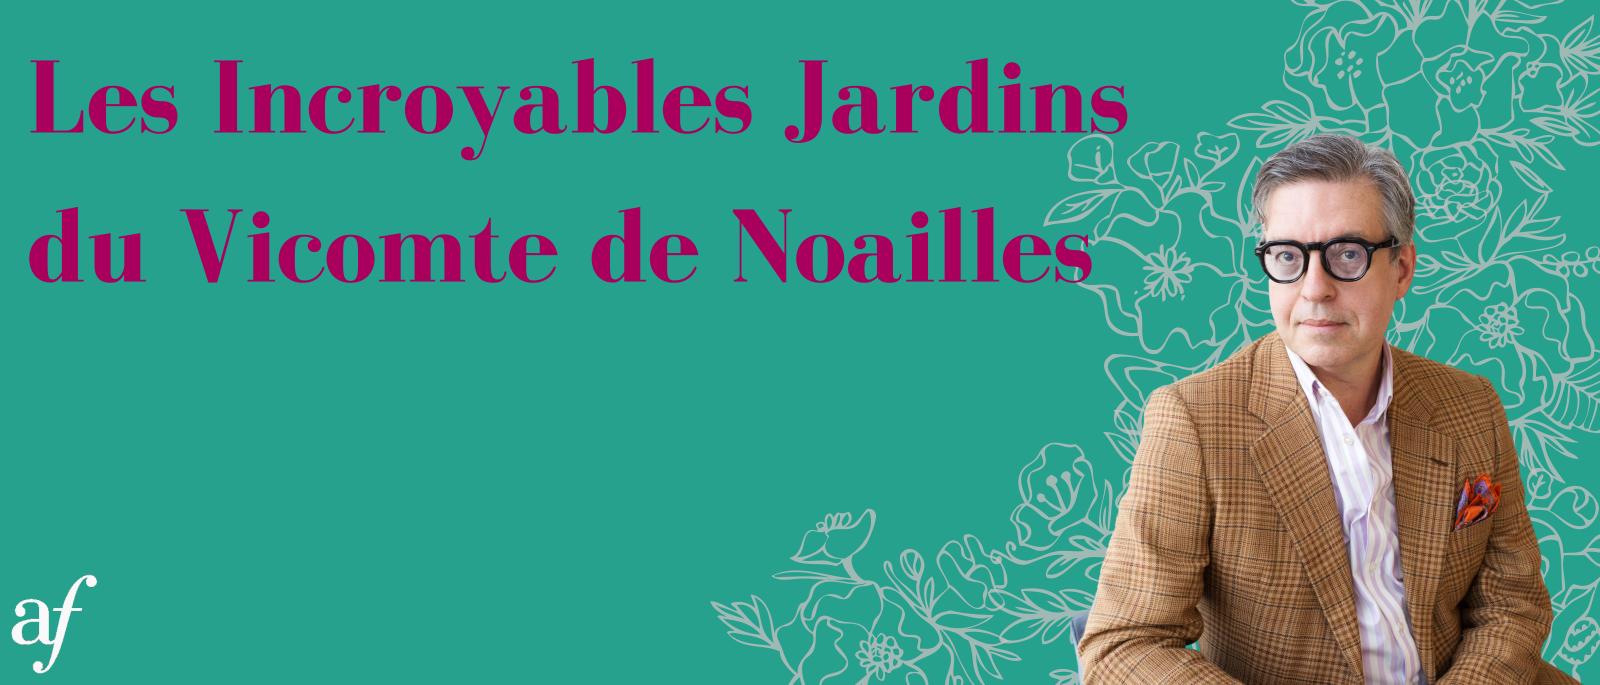 Les Incroyables Jardins du Vicomte de Noailles